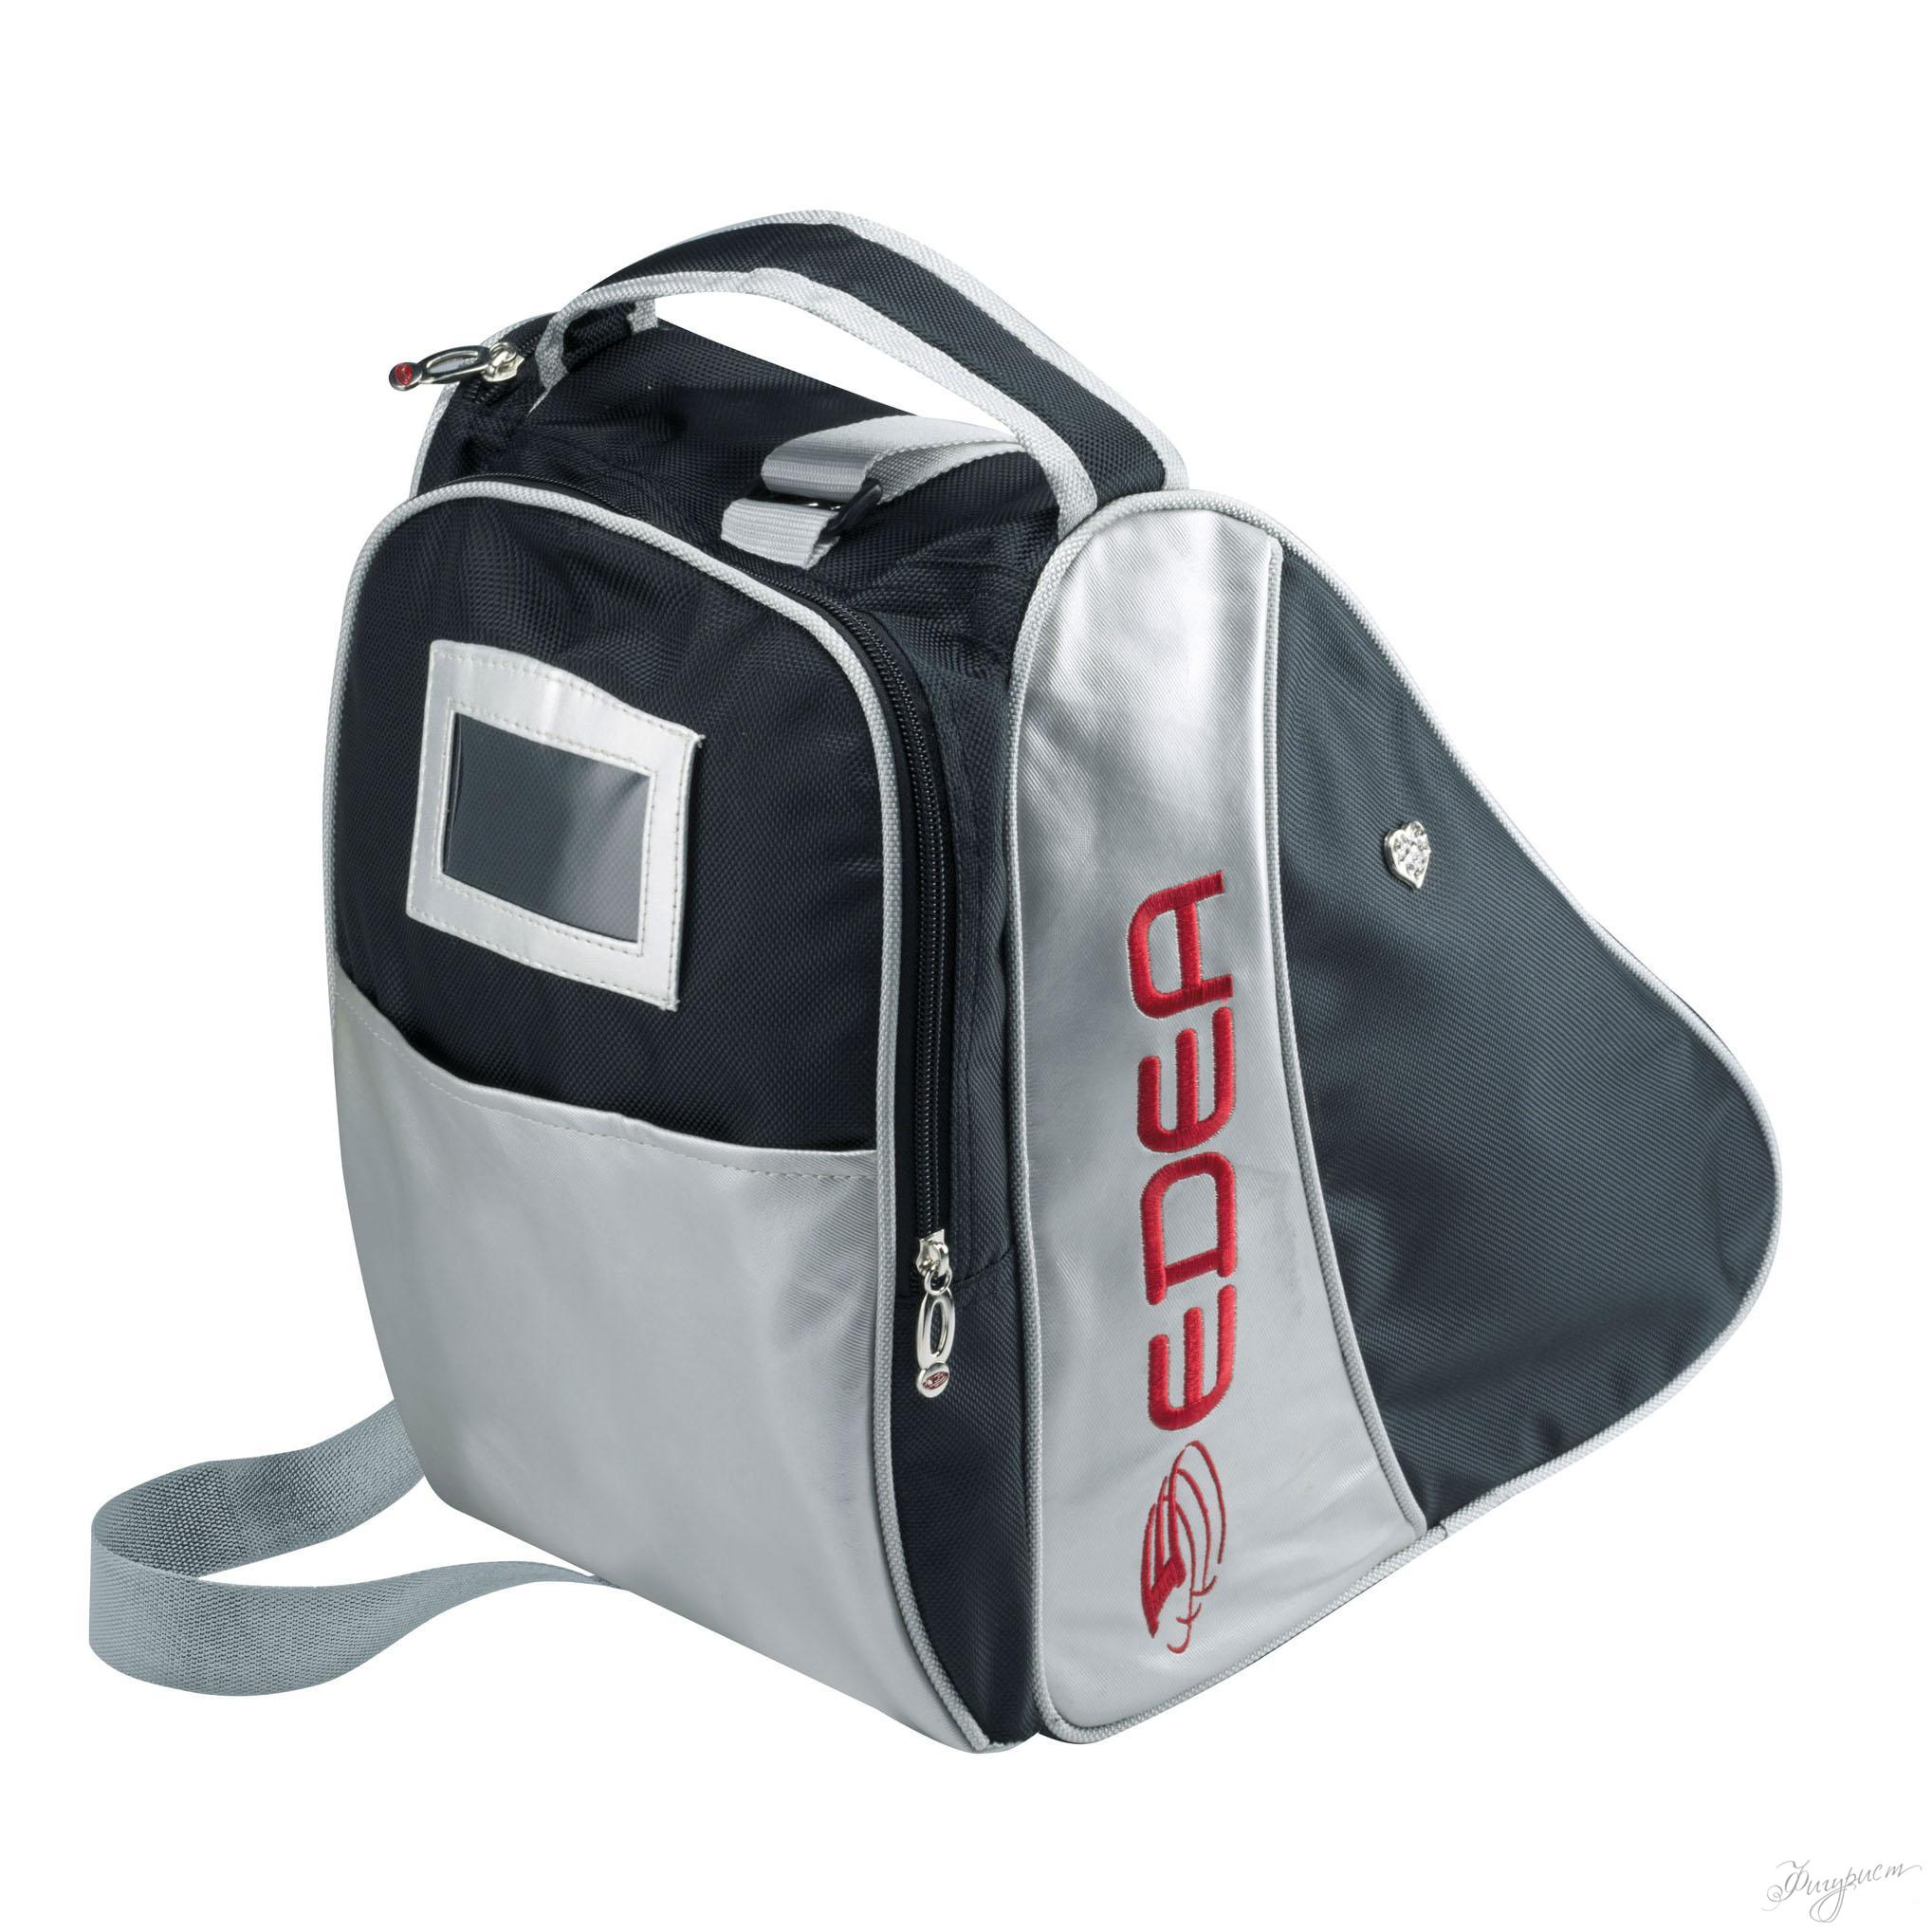 e3ce978b2c75 Сумка для коньков Edea Love bag (черная), купить в Москве и Санкт ...